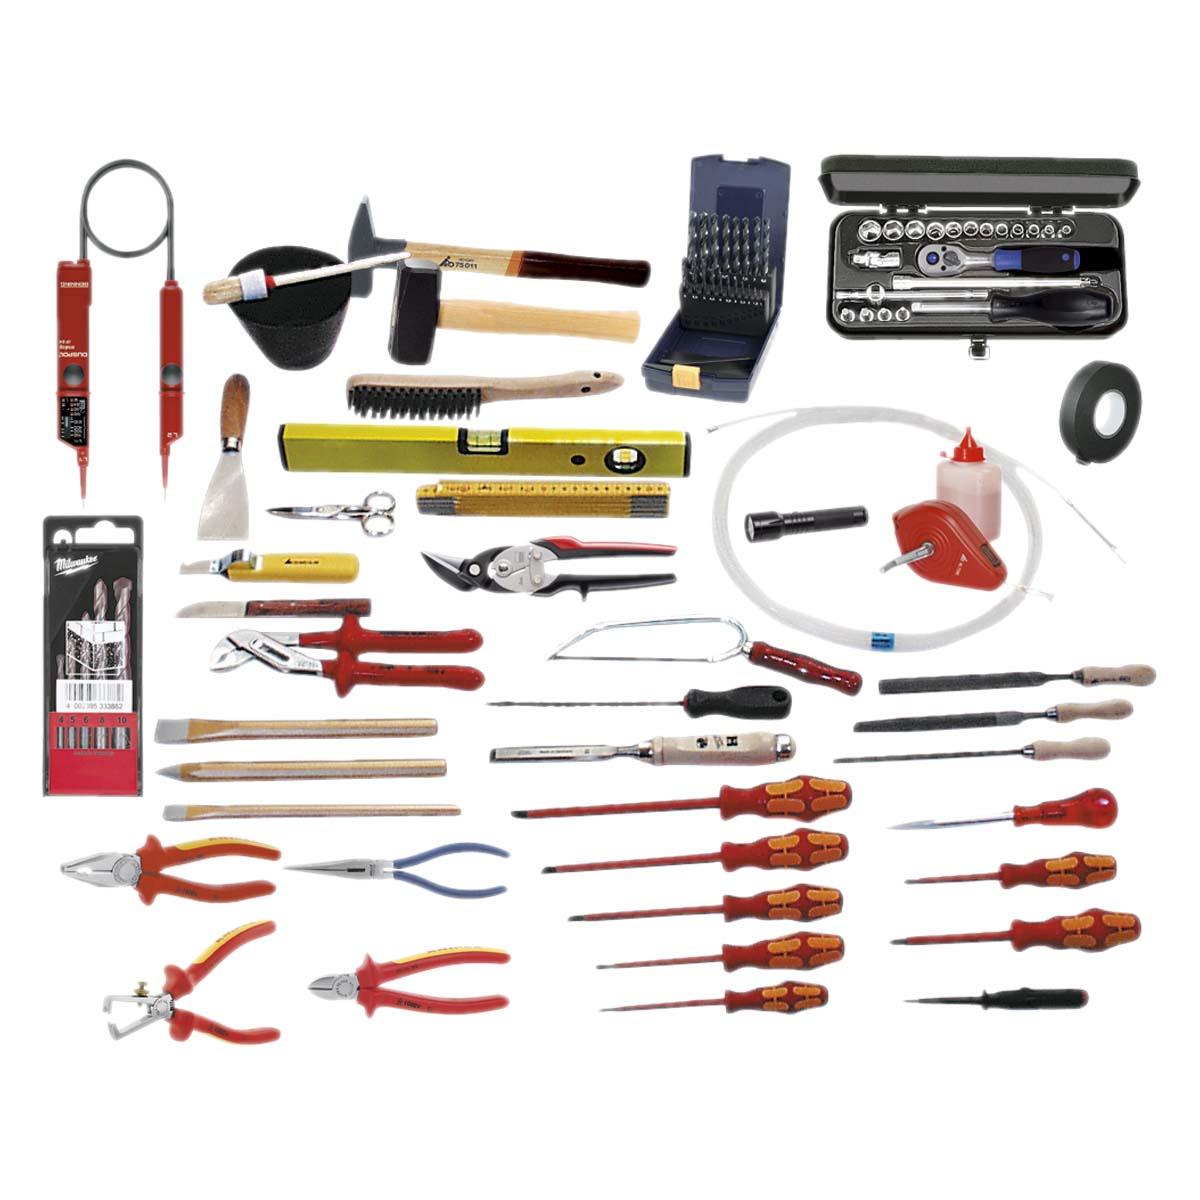 Набор инструментов домашнего электрика: что должно быть